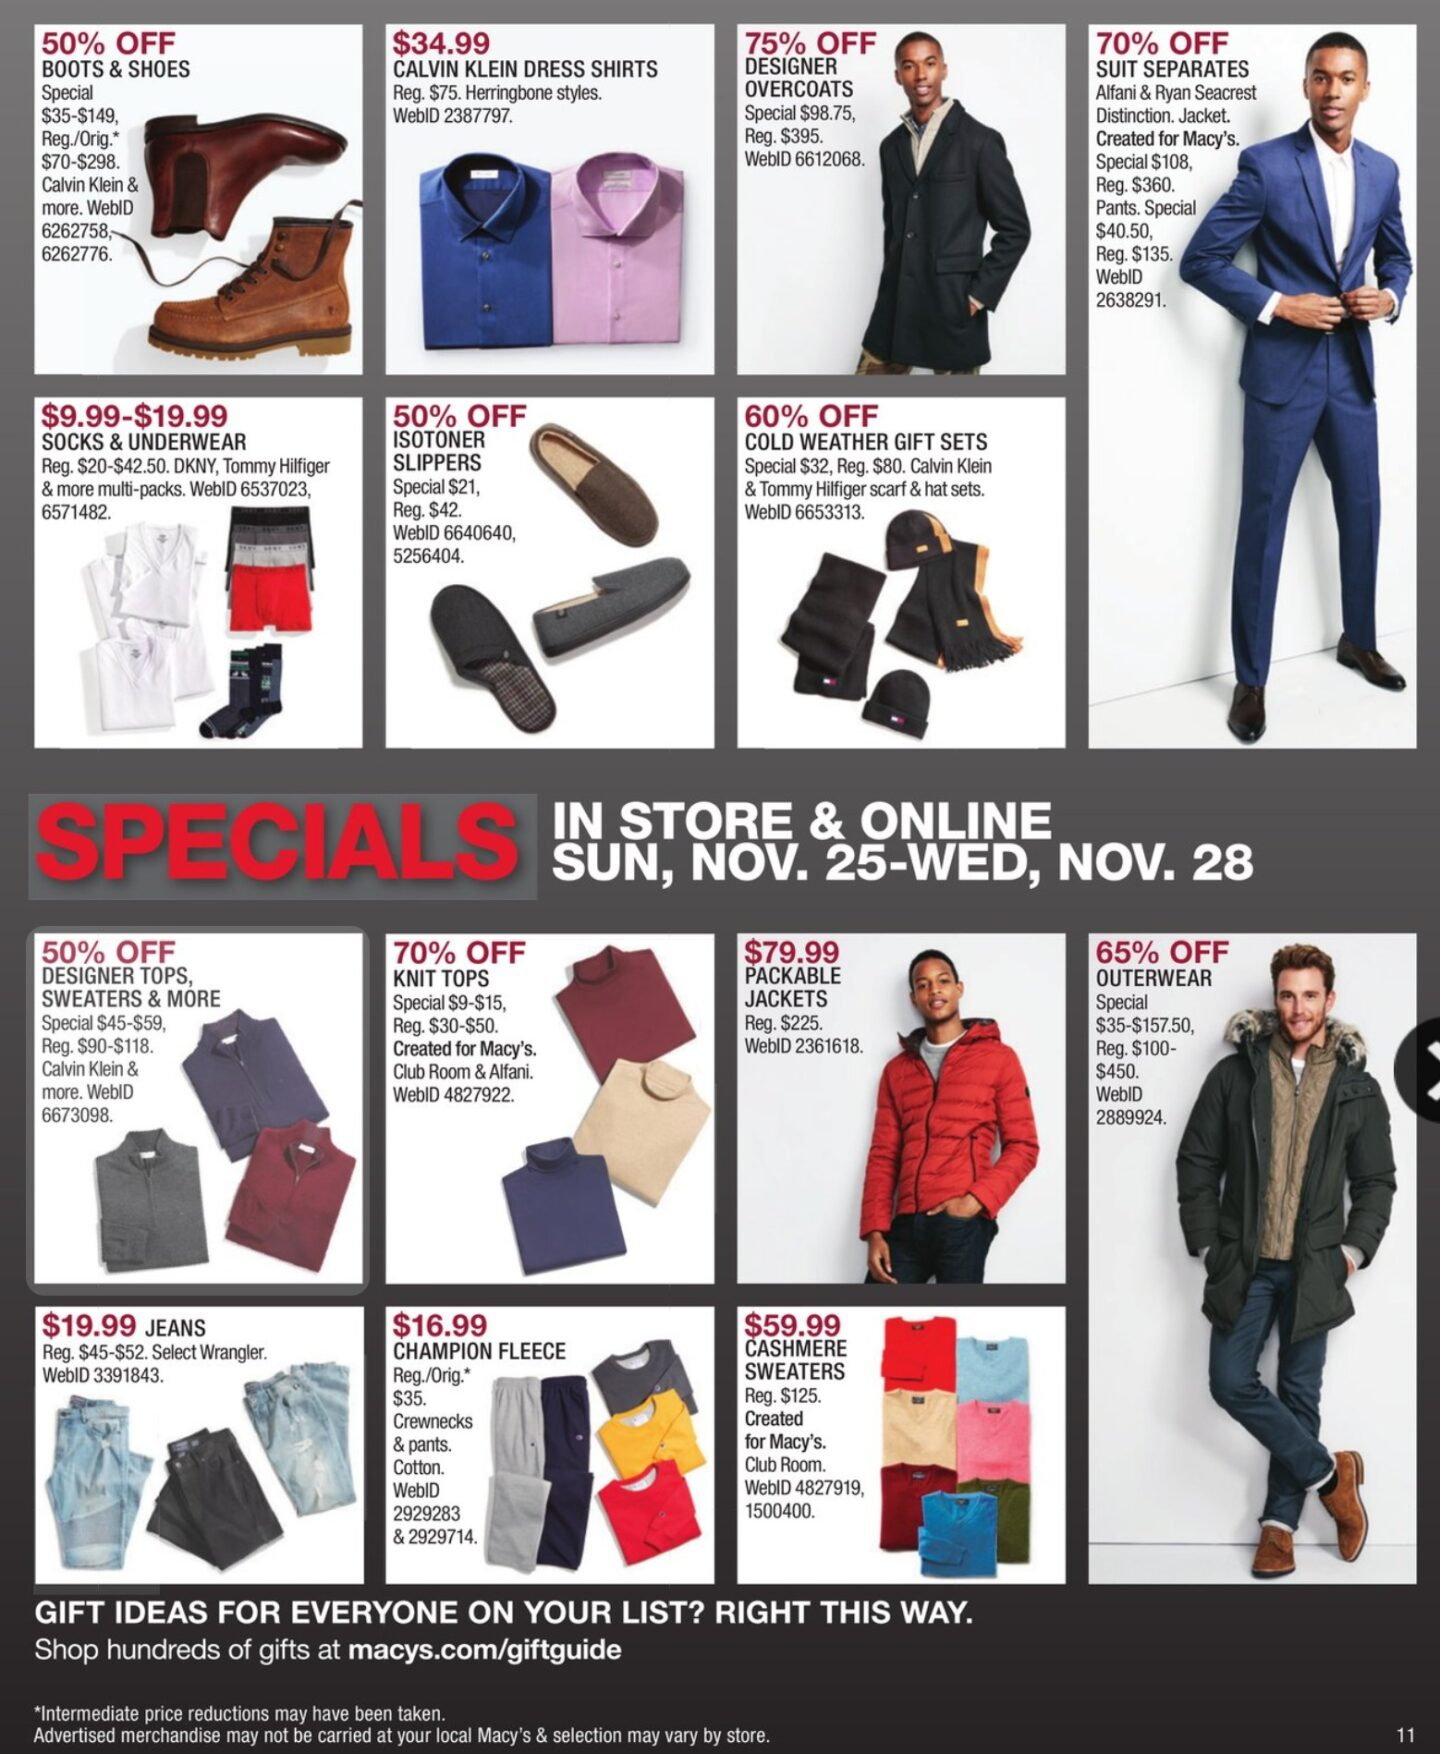 da54707704 Macy s Cyber Monday Ad 2018